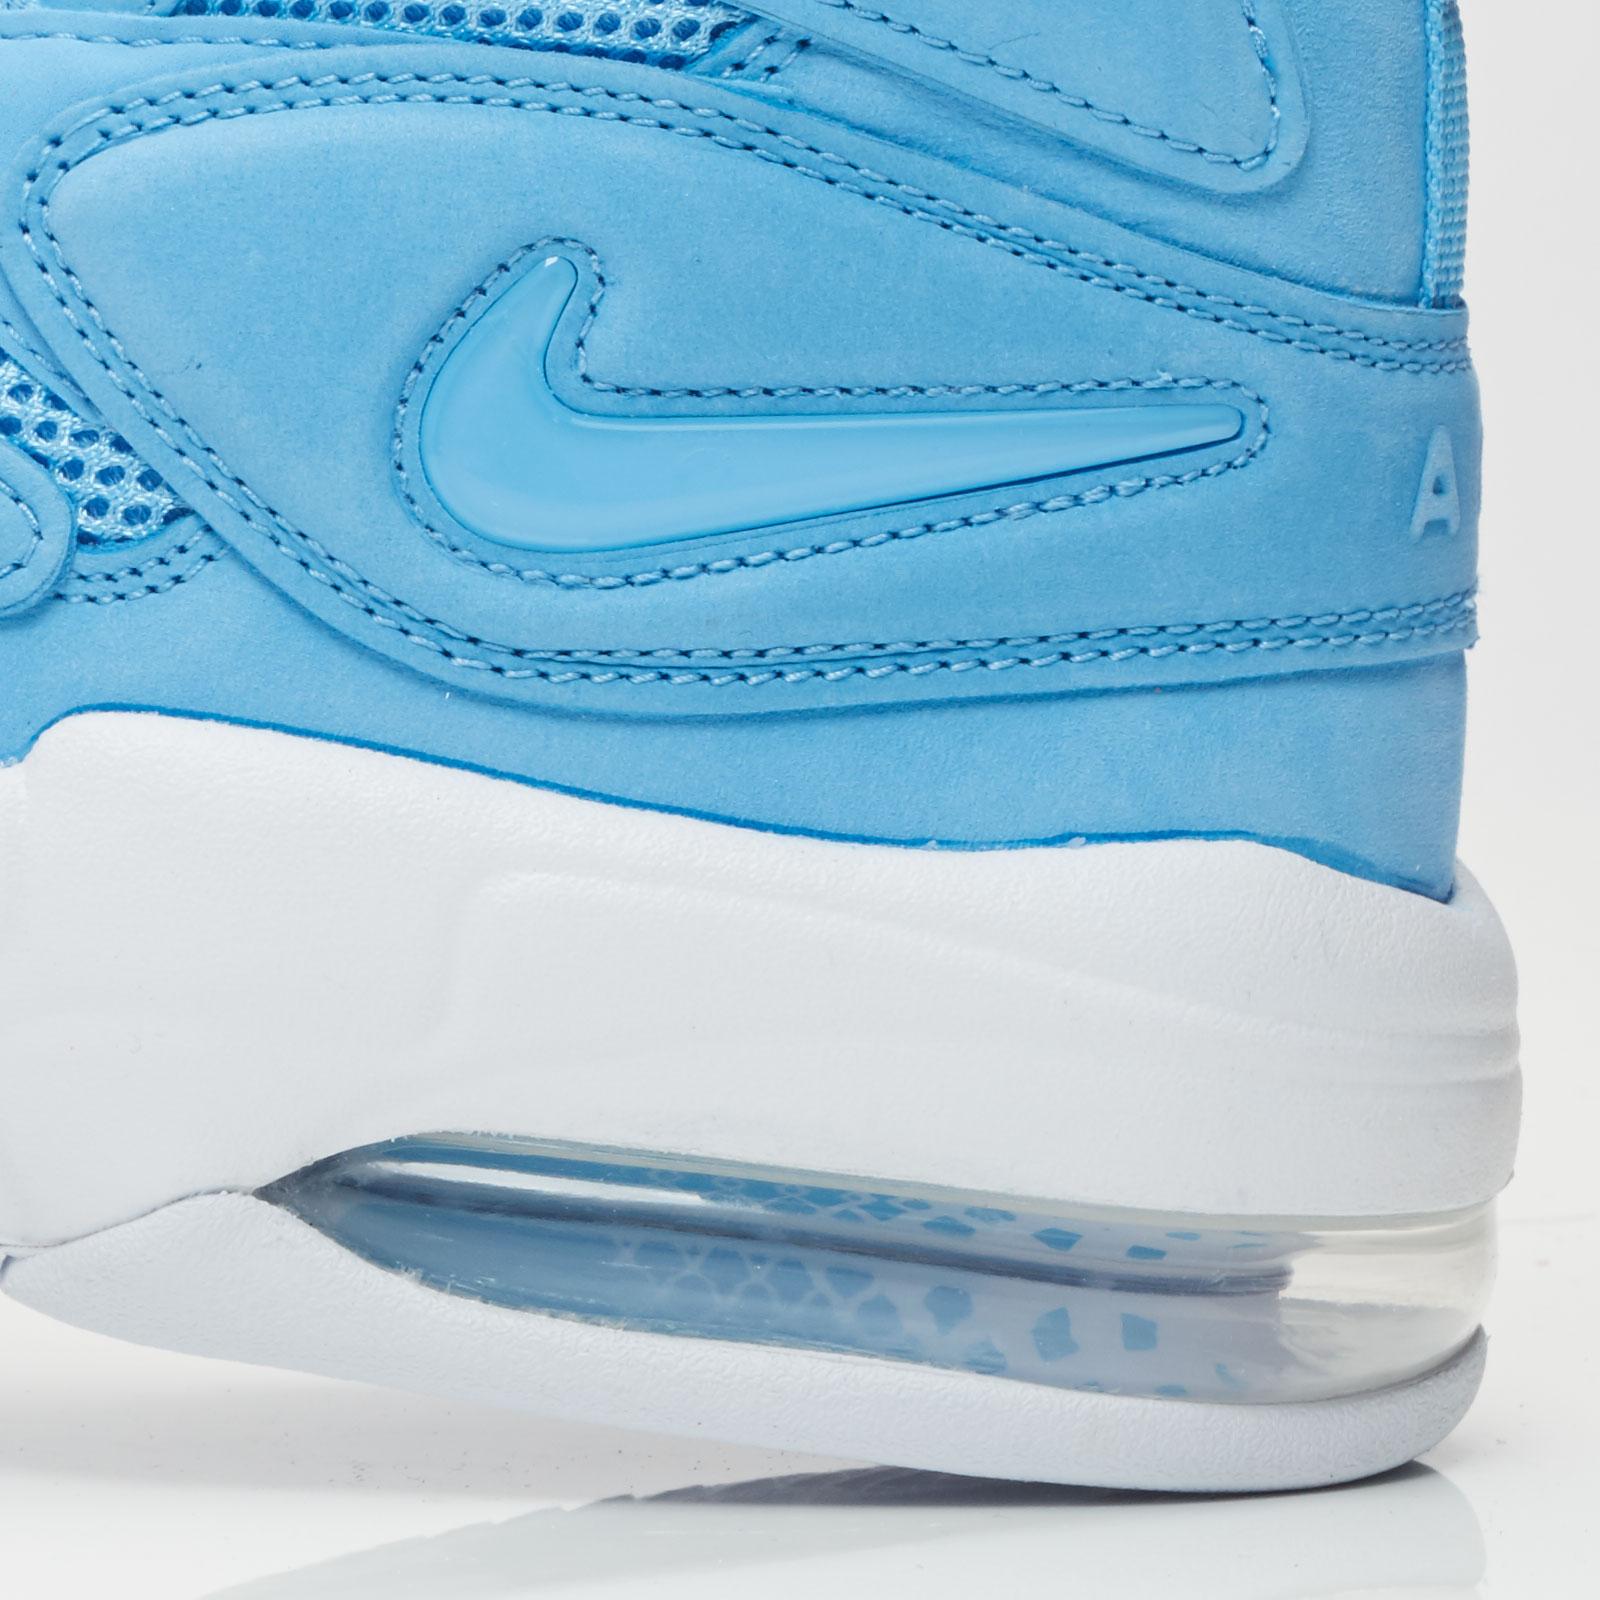 8cf6b073a99 Nike Air Max2 Uptempo 94 As Qs - 922931-400 - Sneakersnstuff ...